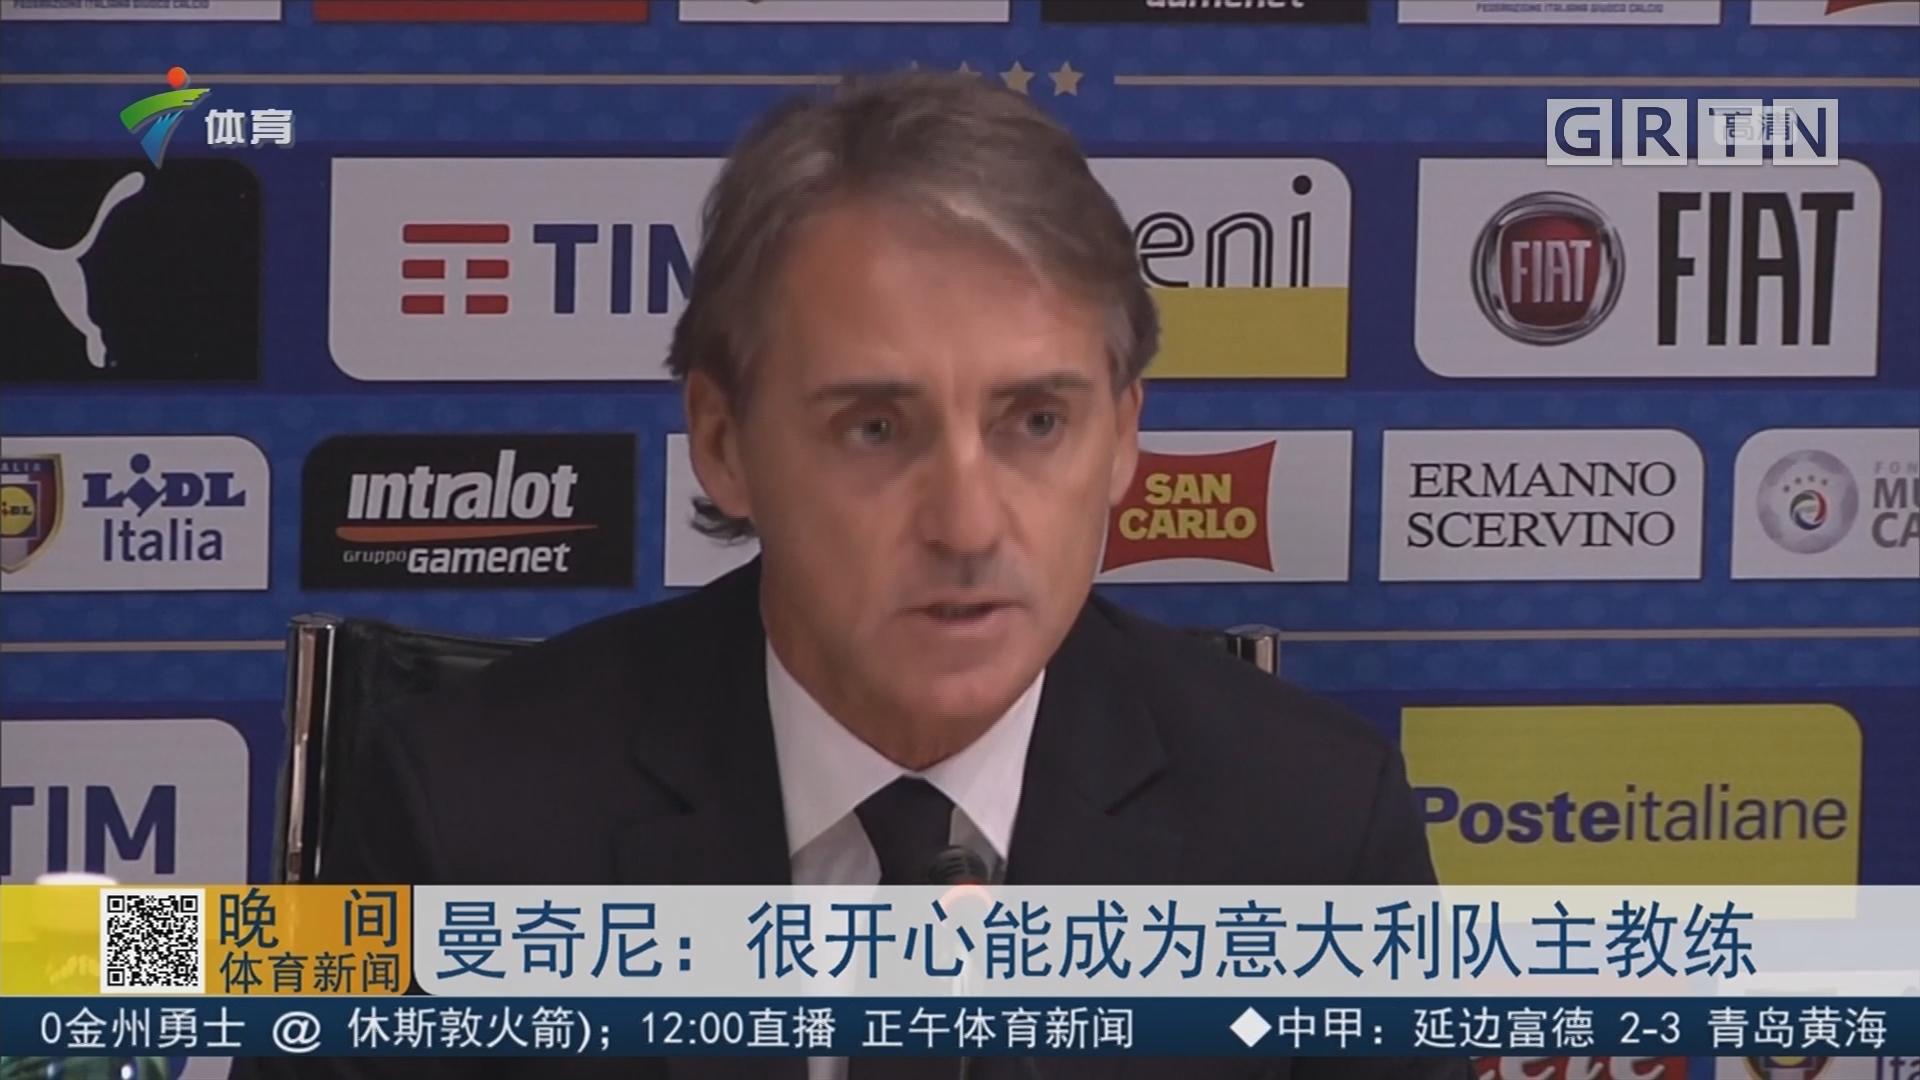 曼奇尼:很开心能成为意大利队主教练